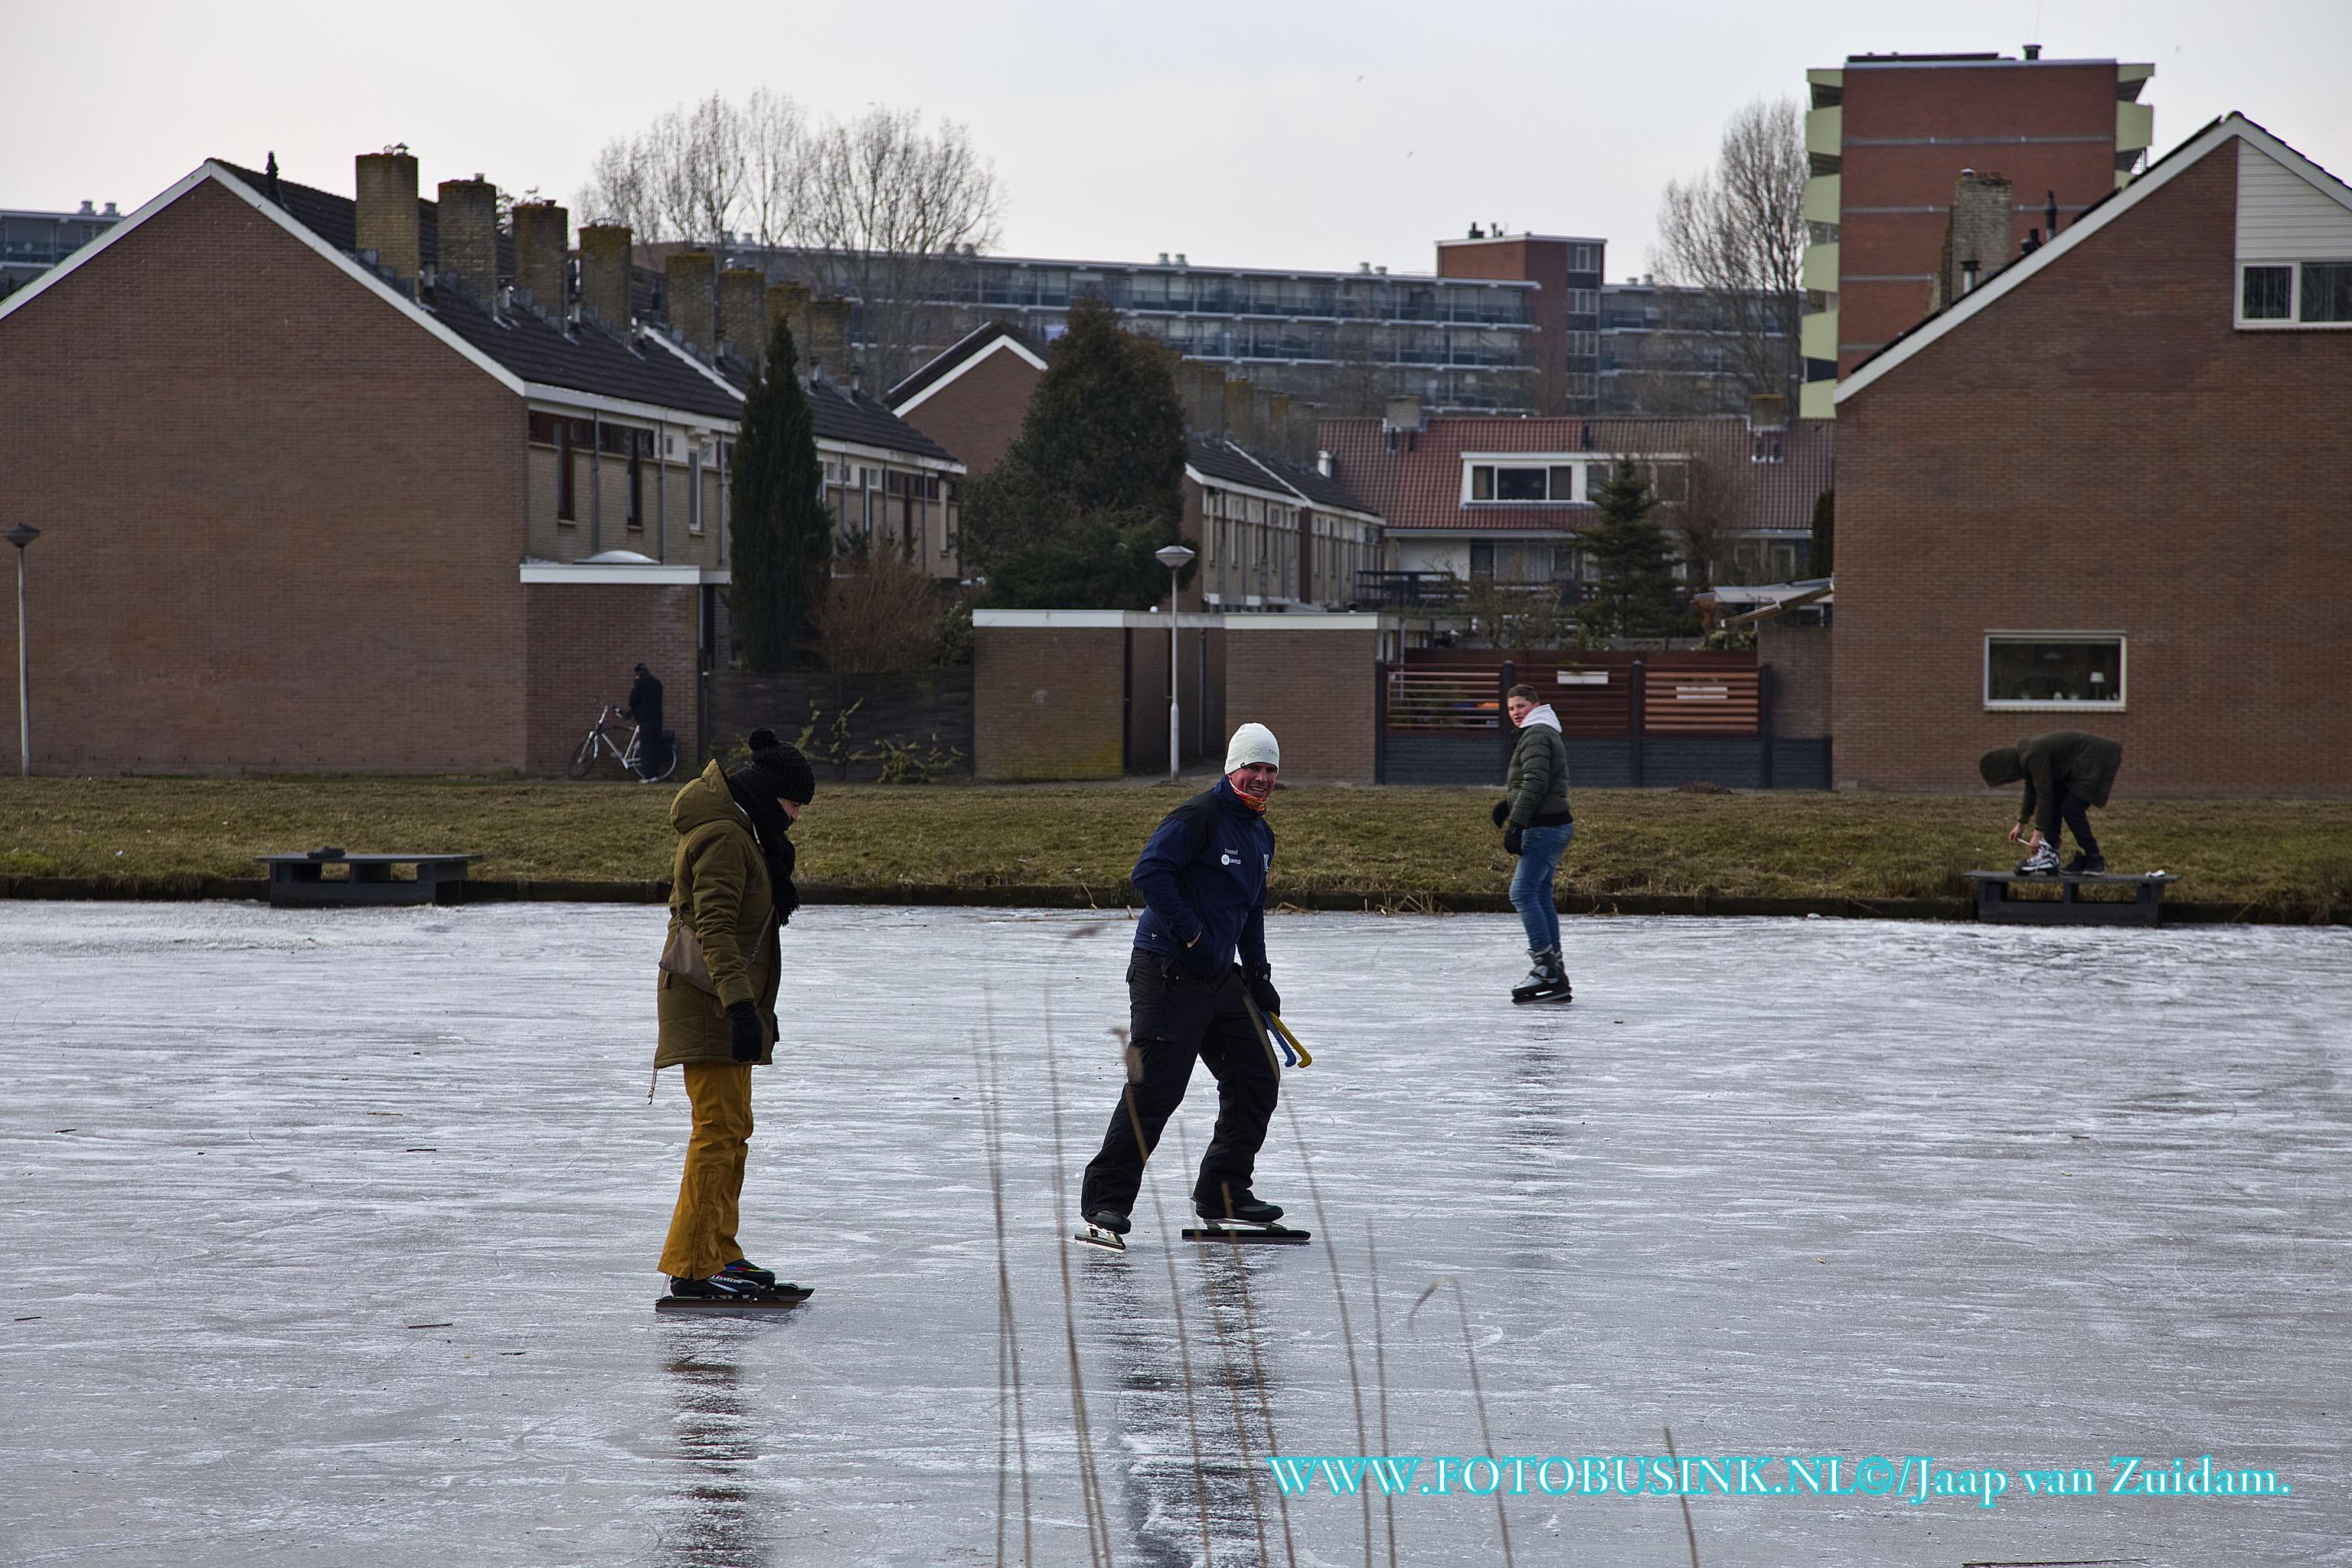 Schaatsen in Alblasserdam.